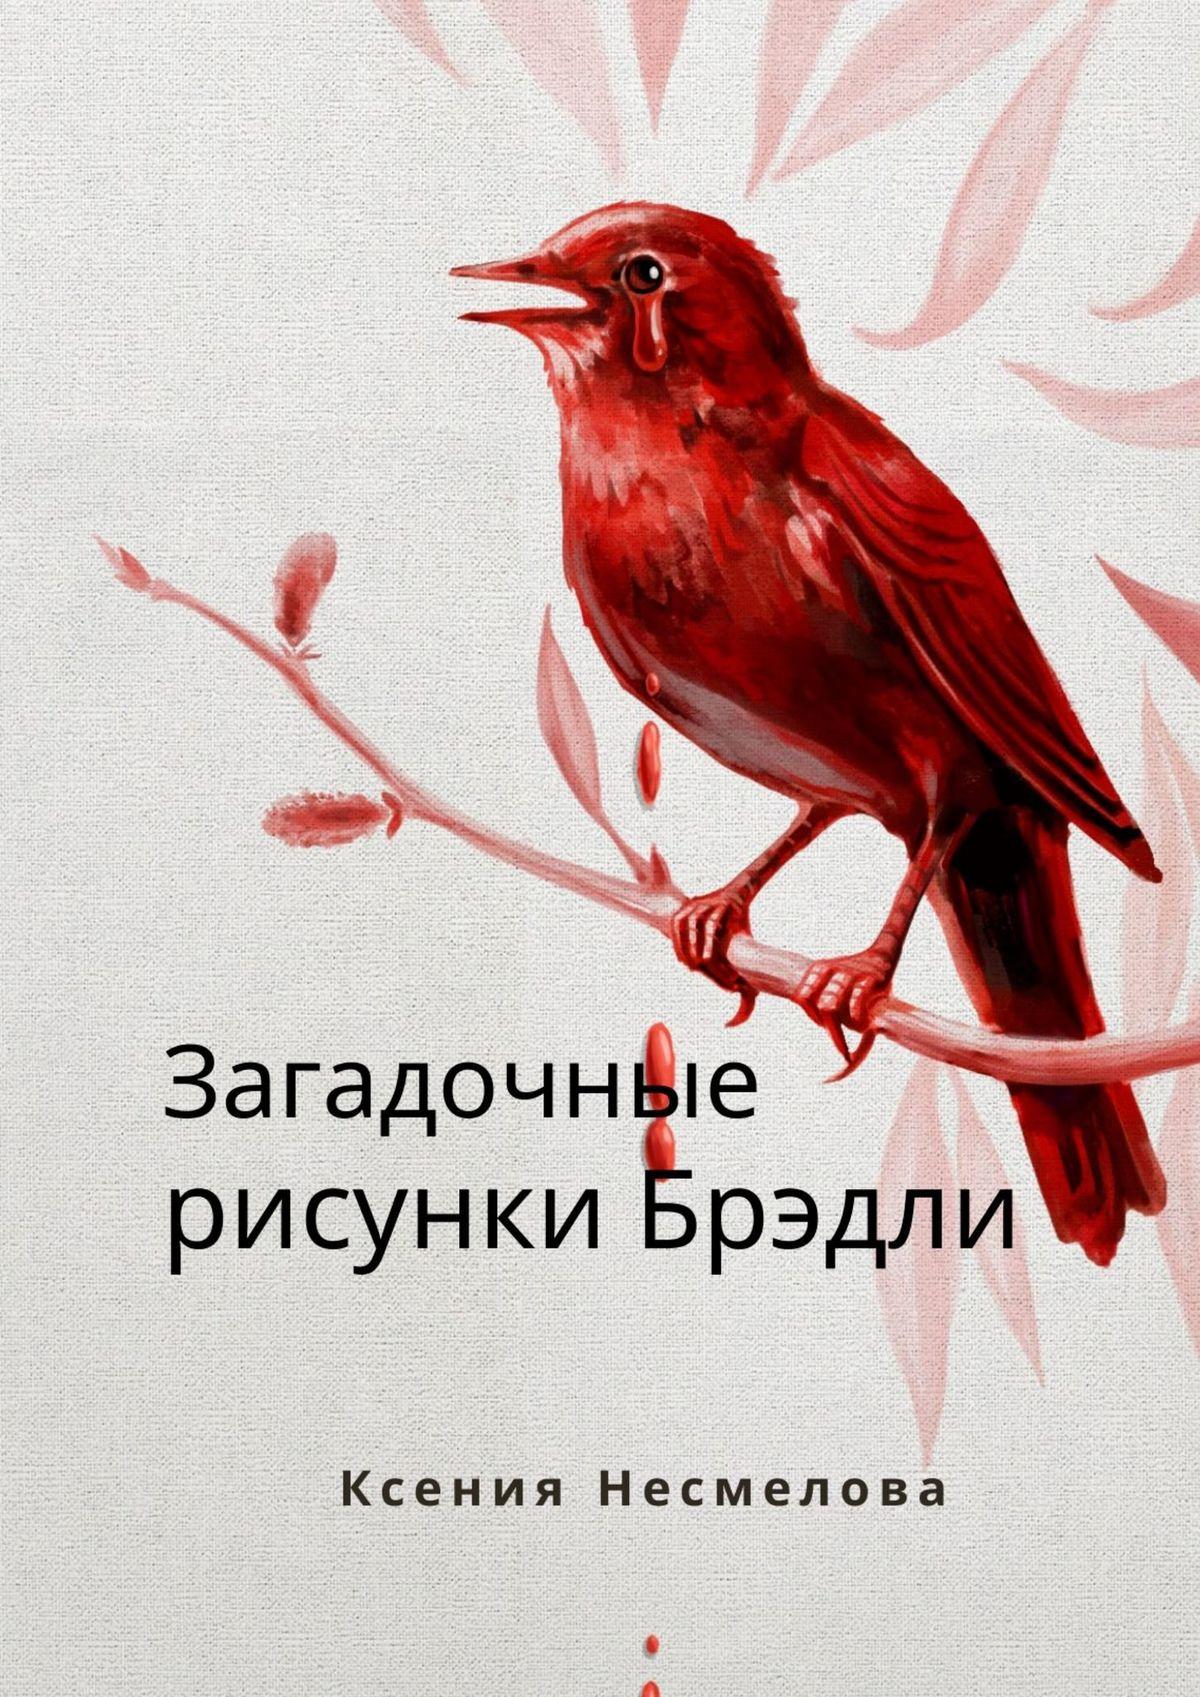 цены Ксения Несмелова Загадочные рисунки Брэдли